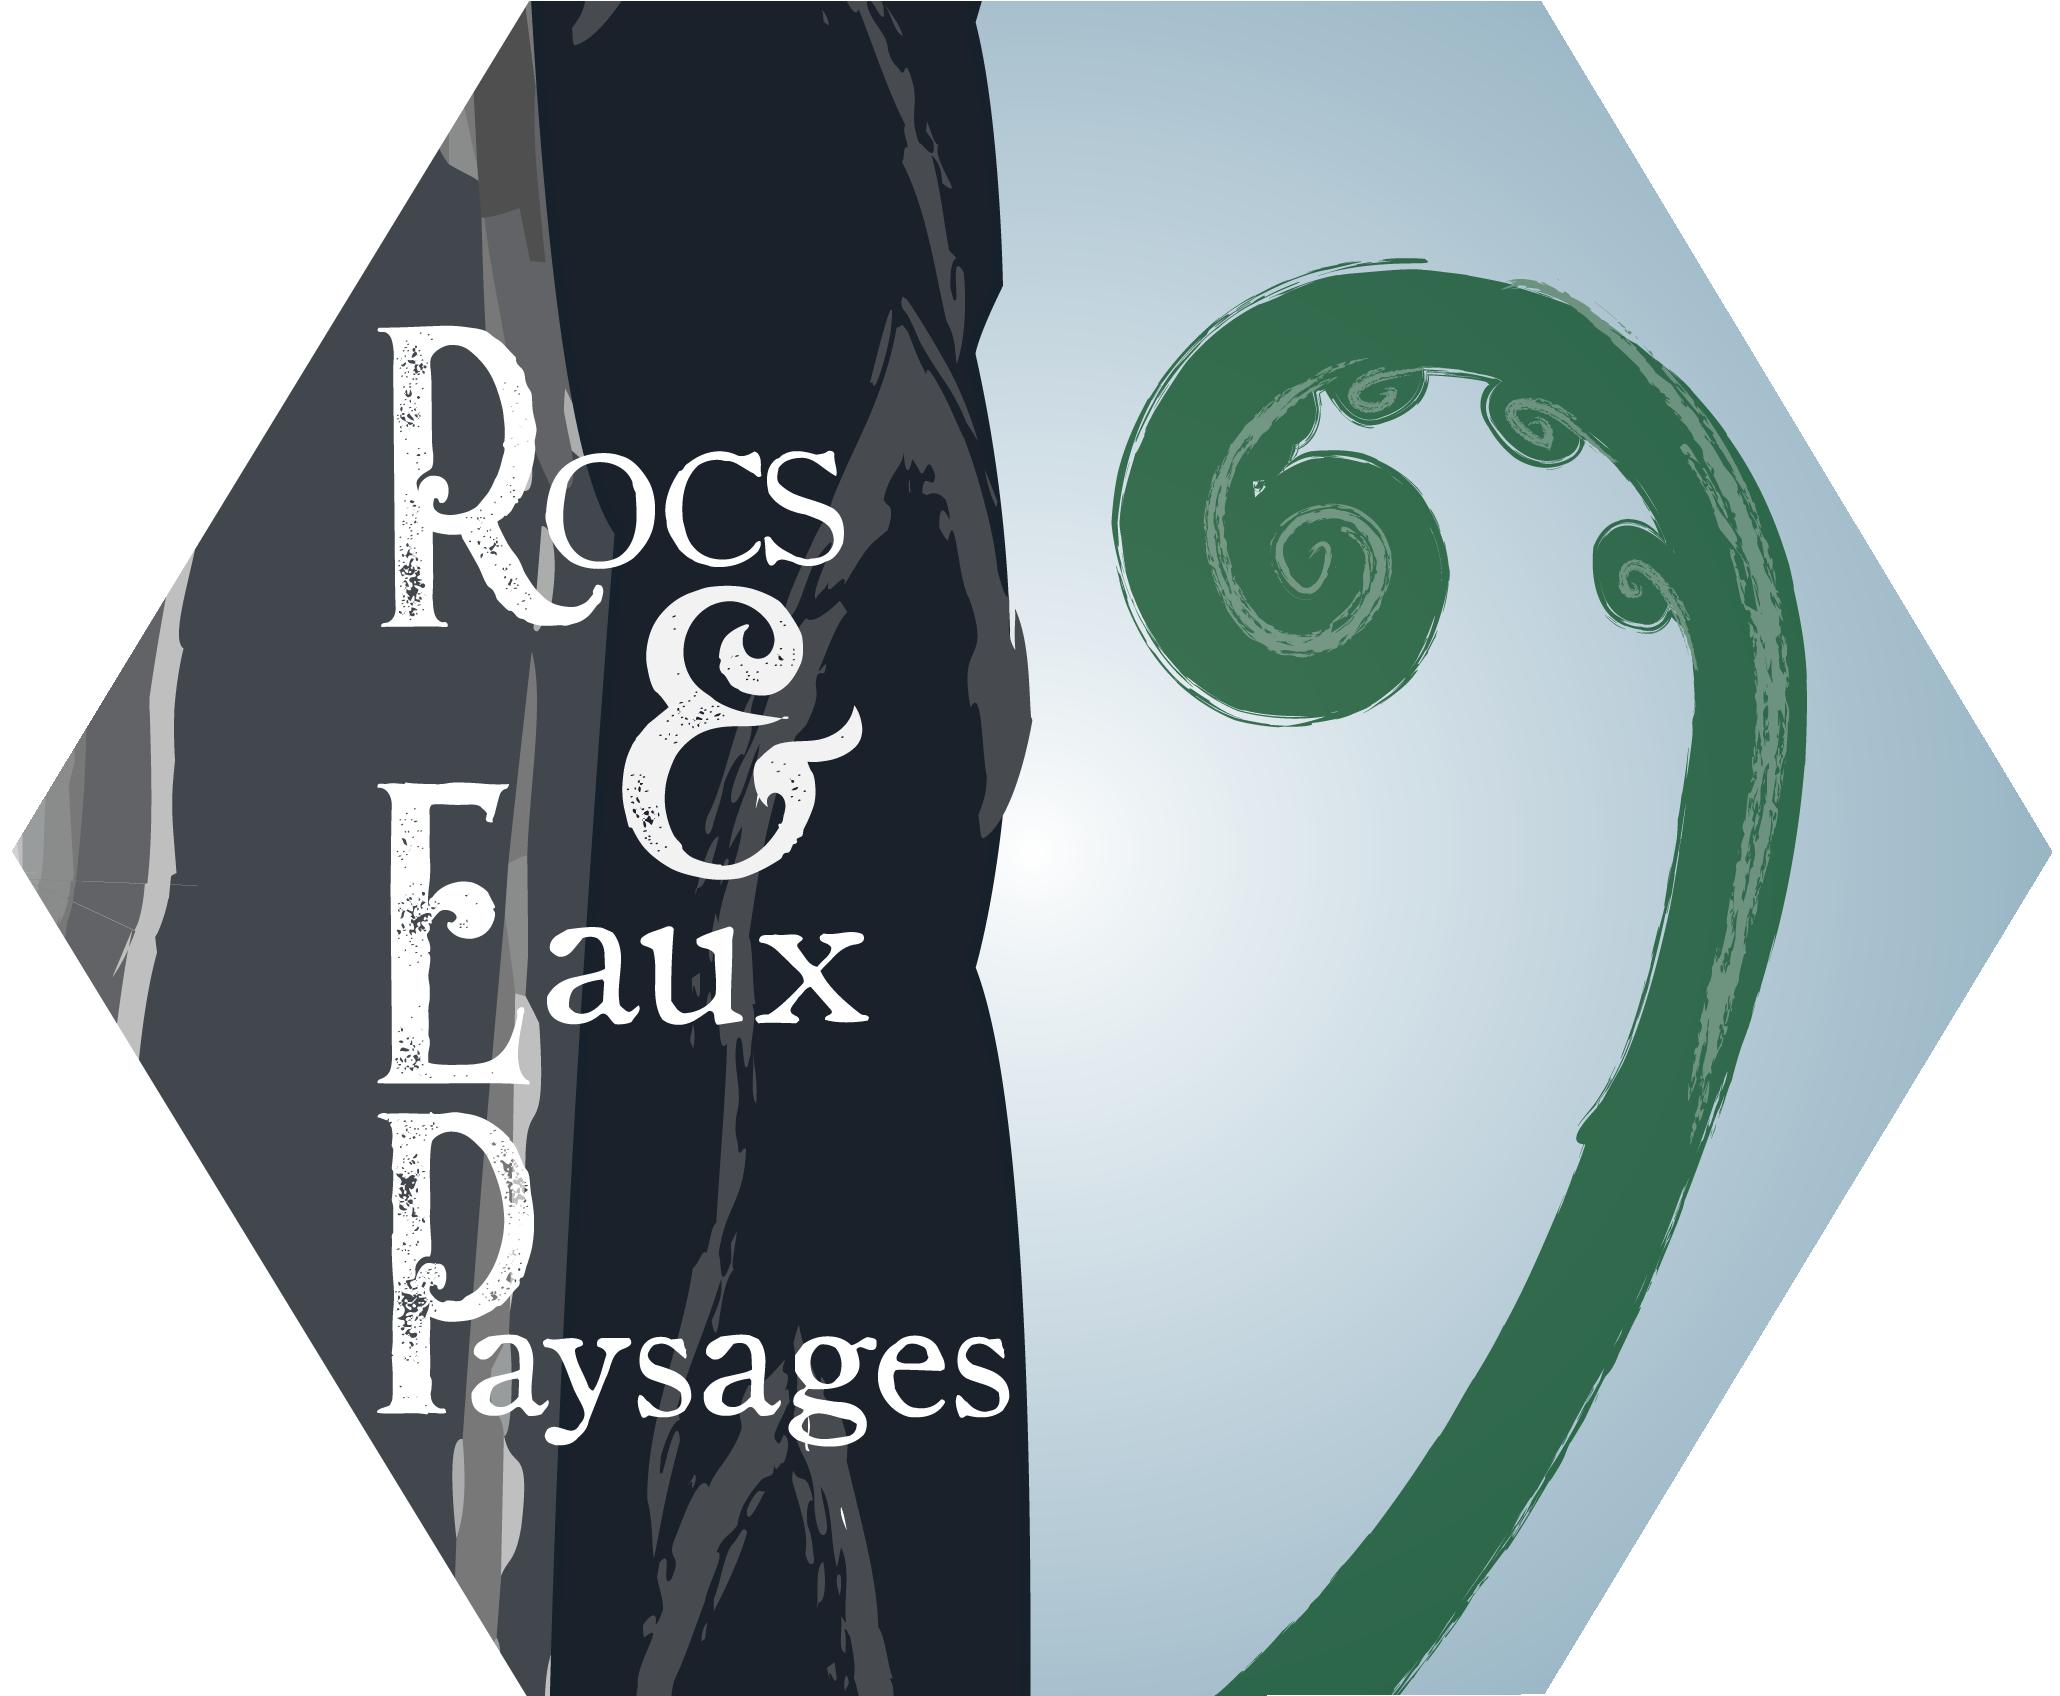 Rocs et Eaux Paysages